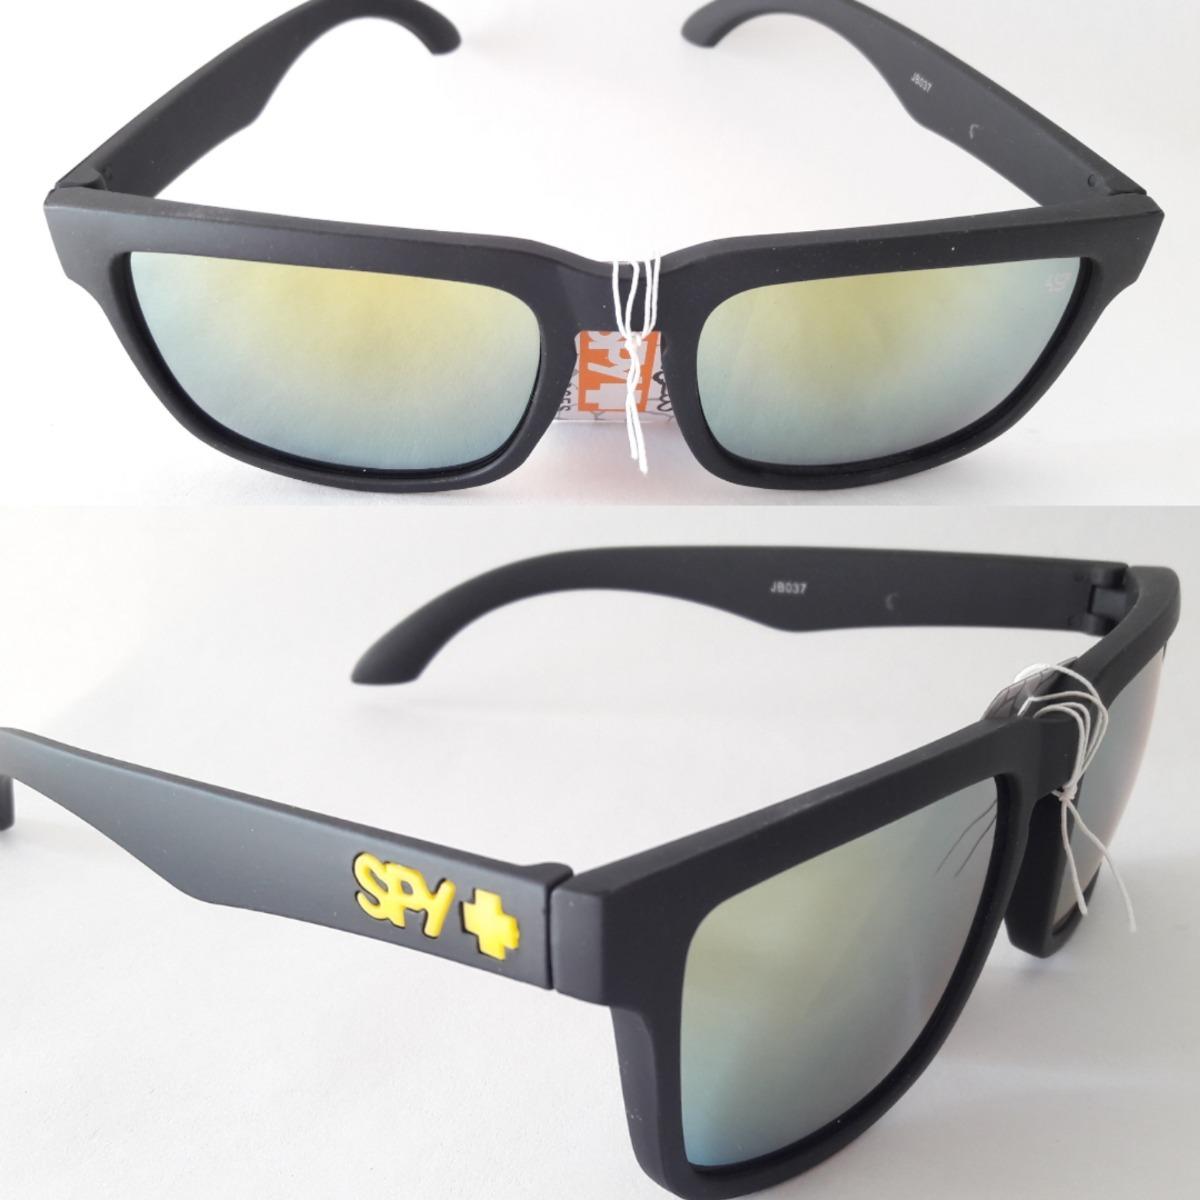 12334b0163 anteojos de sol con marco mate gafas espejados amarillos. Cargando zoom.